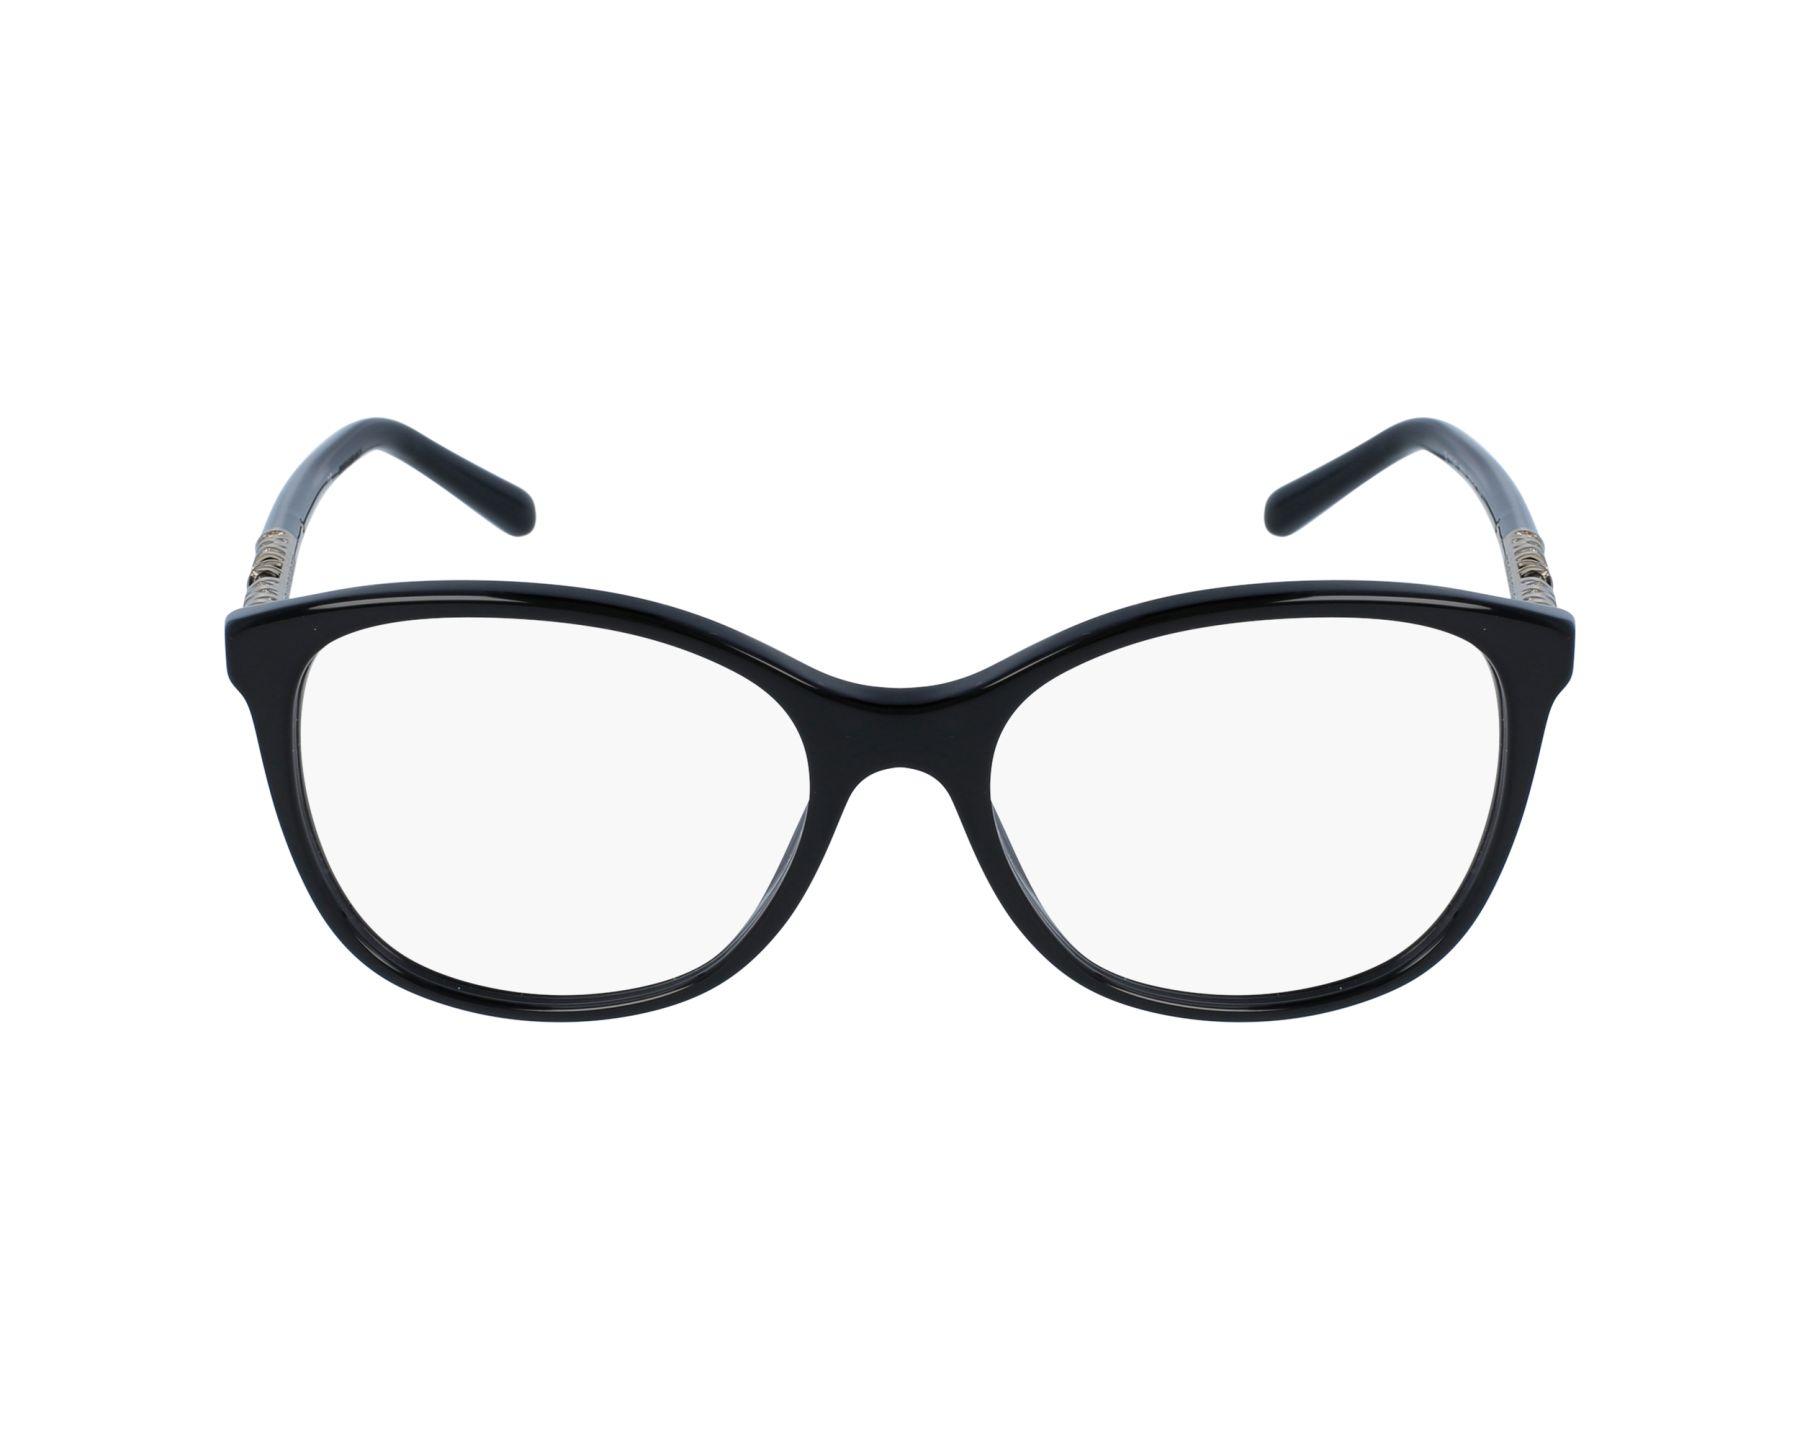 7233c02824 Lunettes de vue Burberry BE-2245 3001 52-17 Noir Or vue de profil